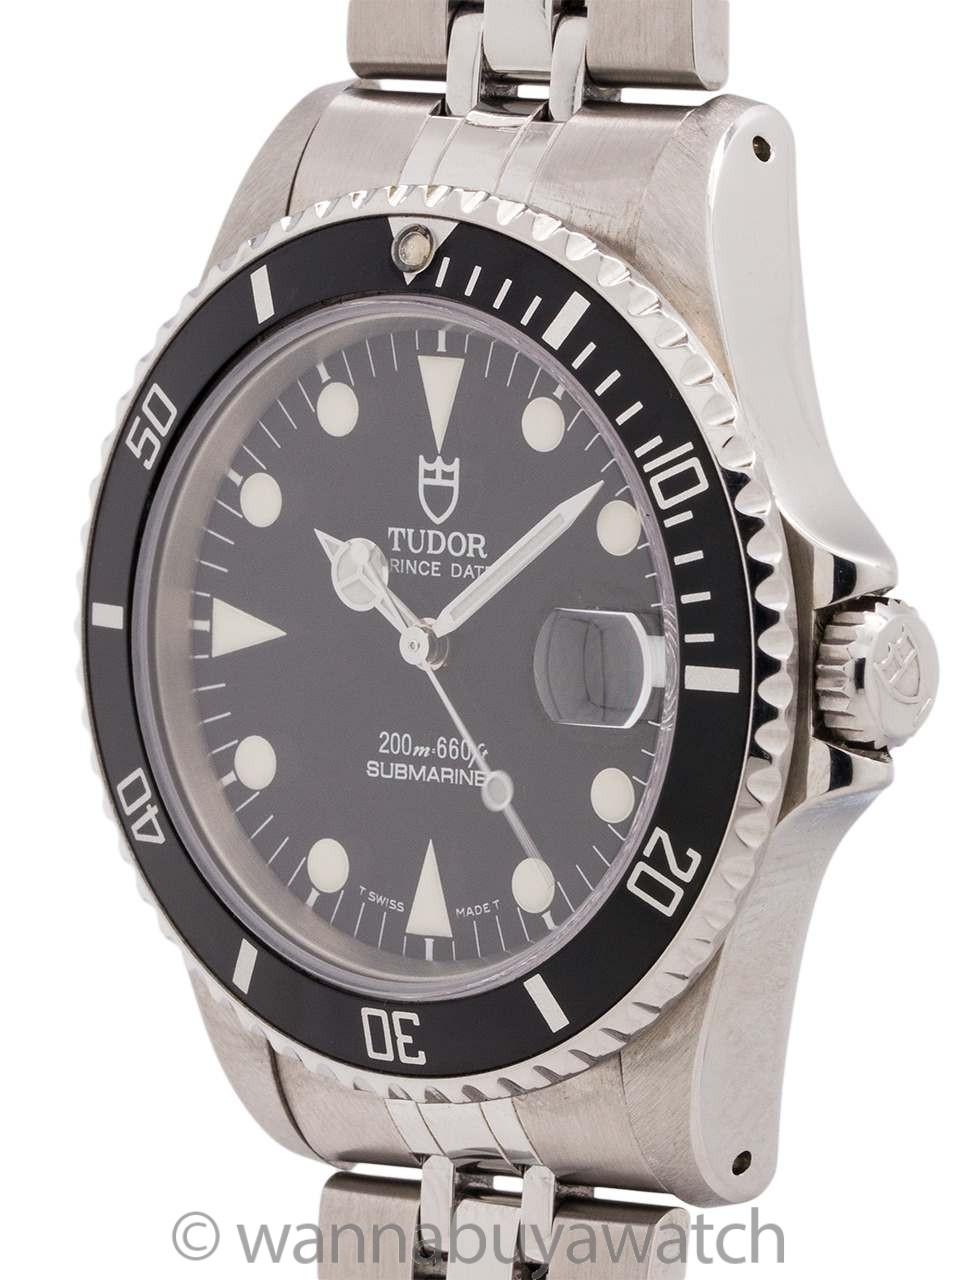 Tudor Submariner ref 75190 circa 1999